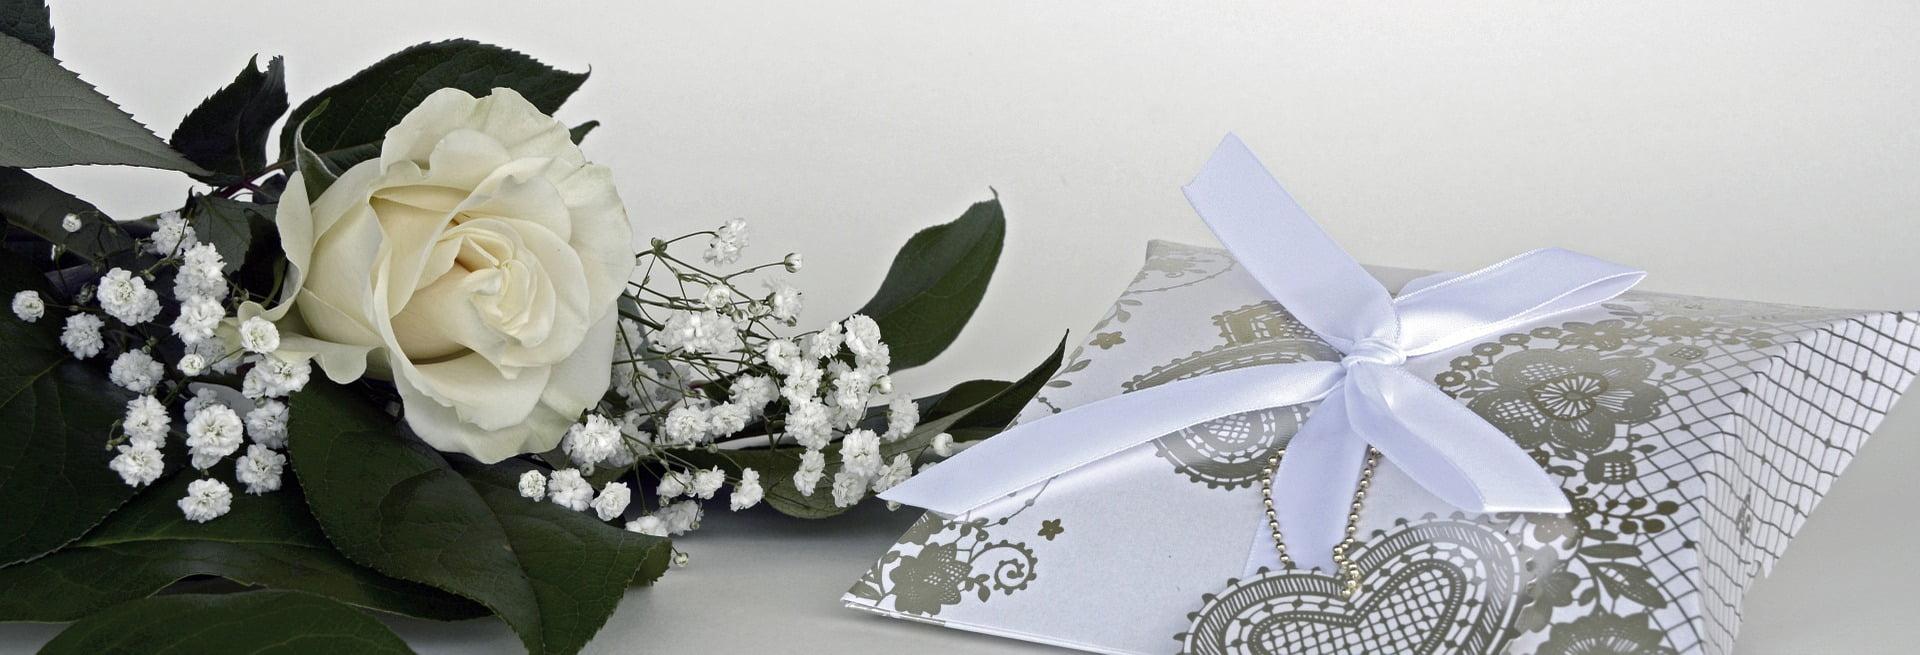 flores y regalos para aniversarios